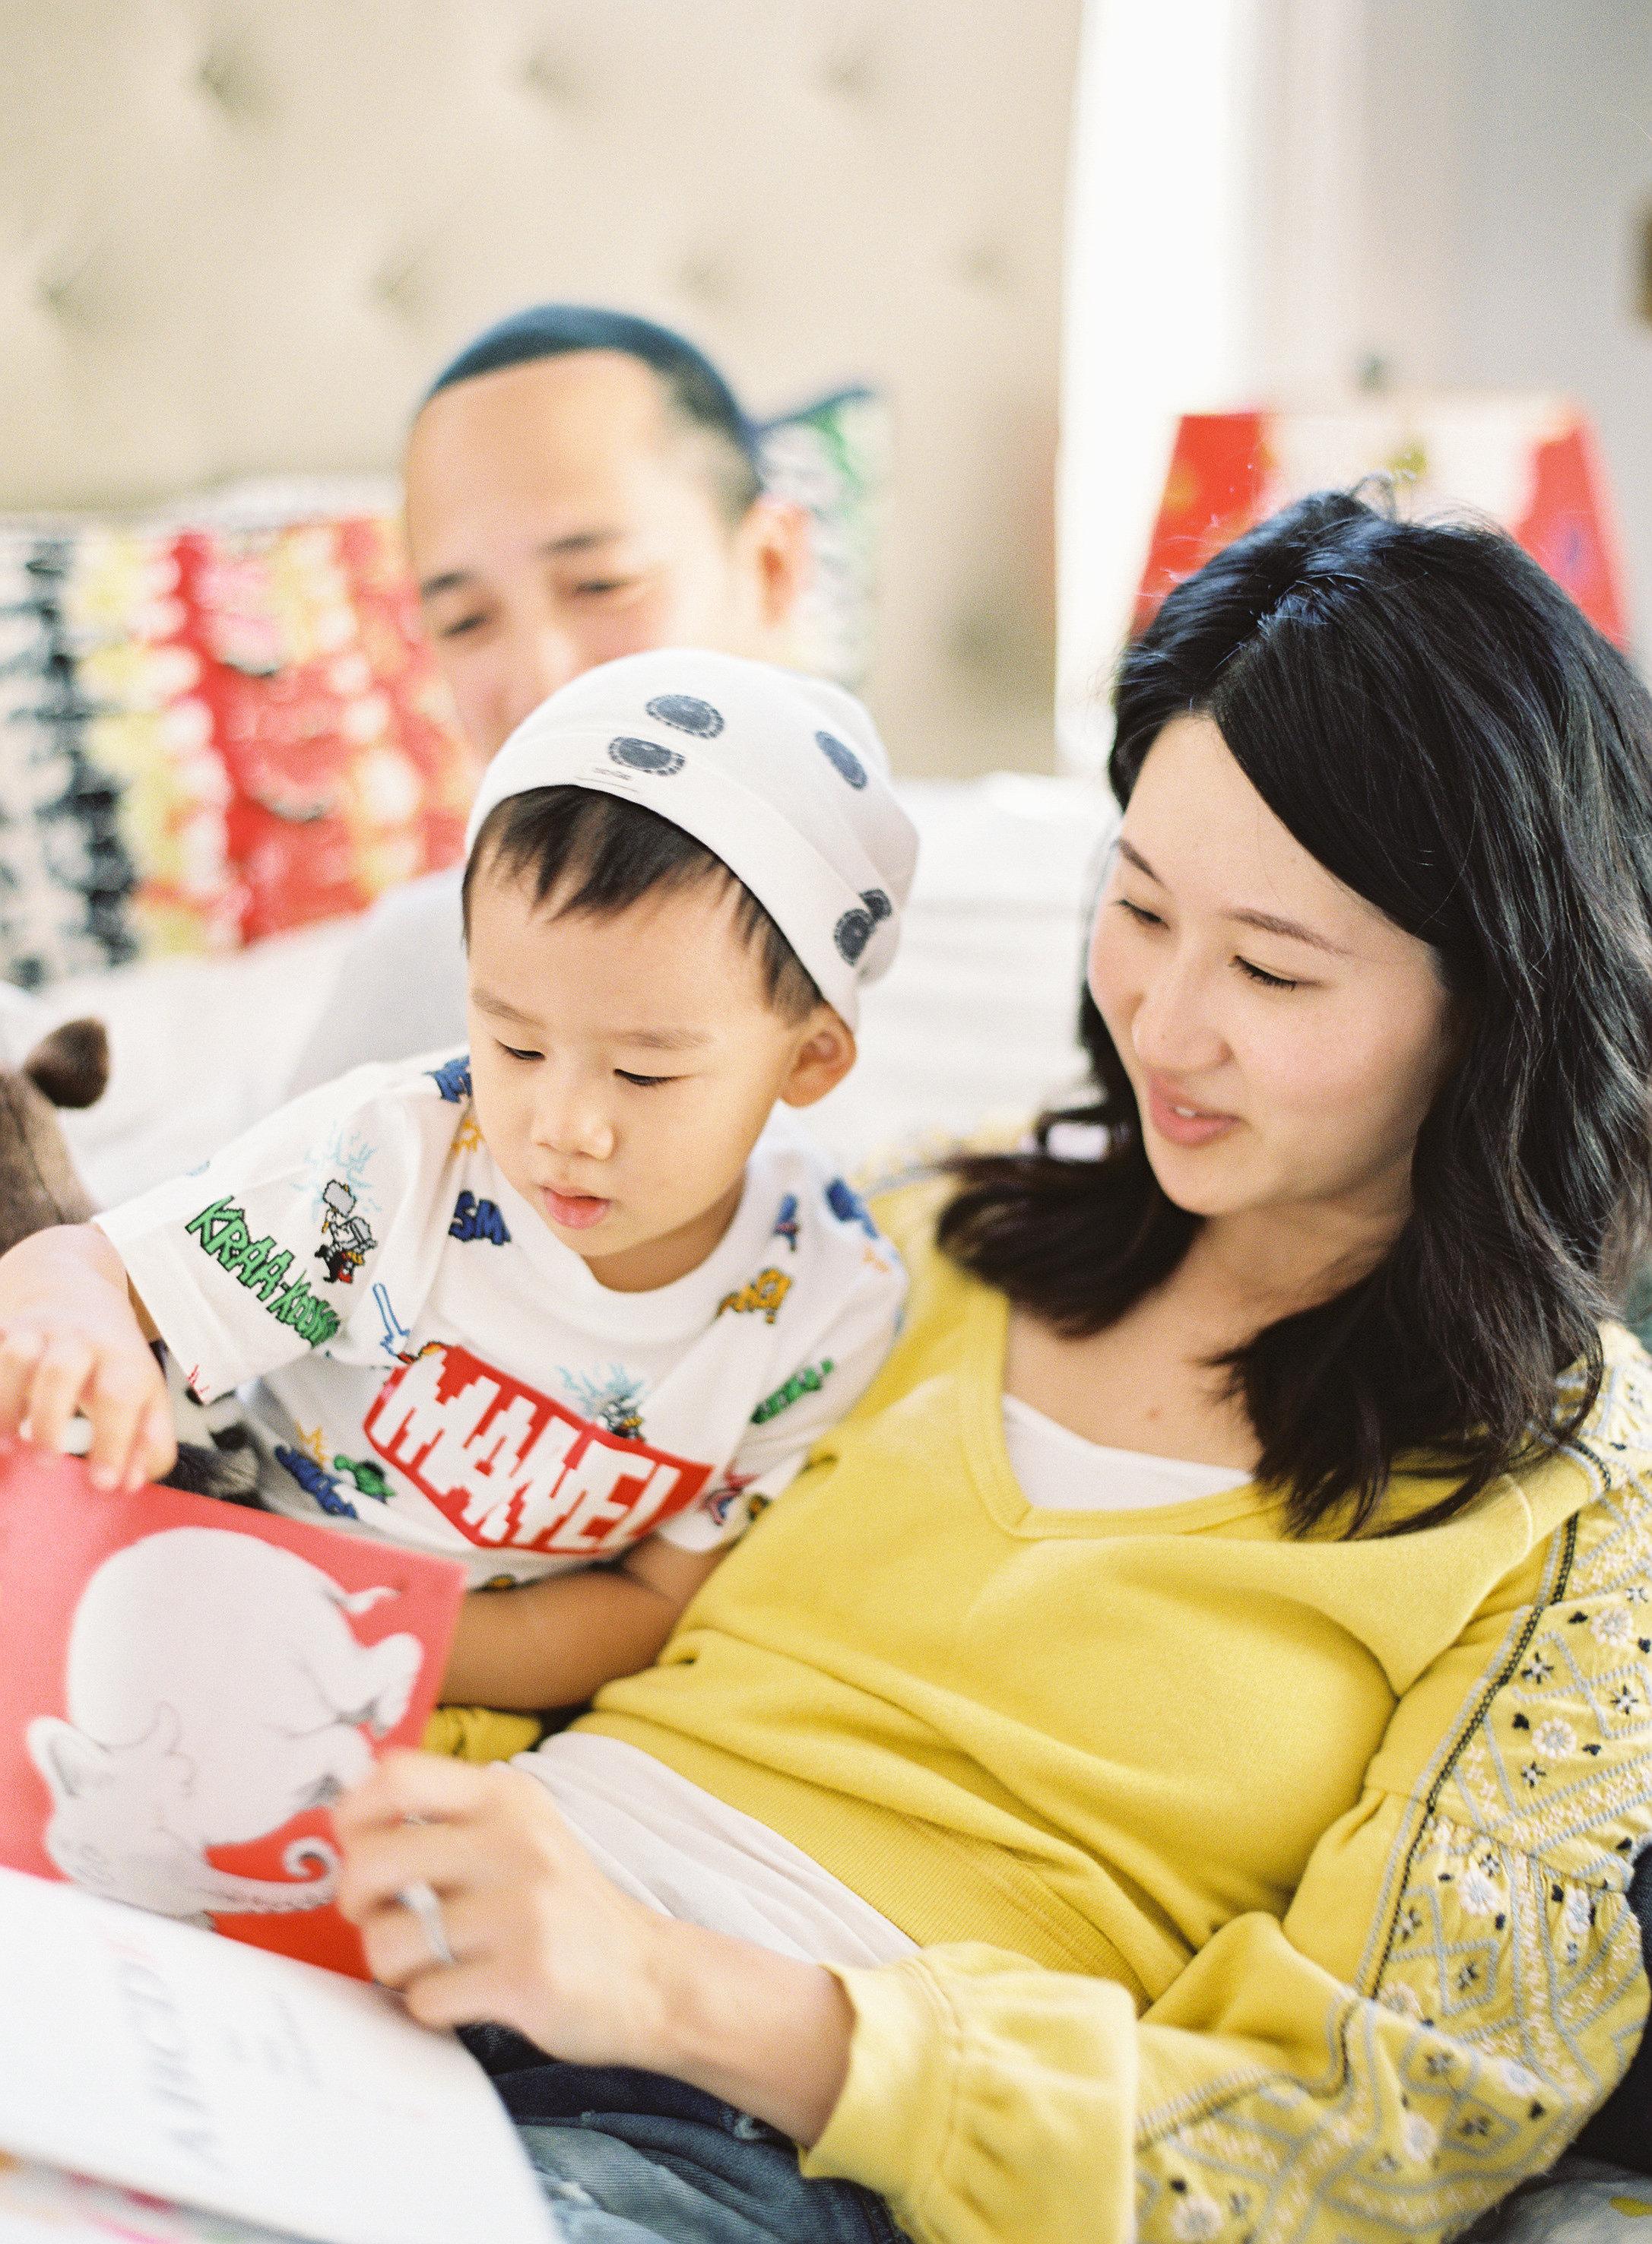 Deng_Family_005.jpg